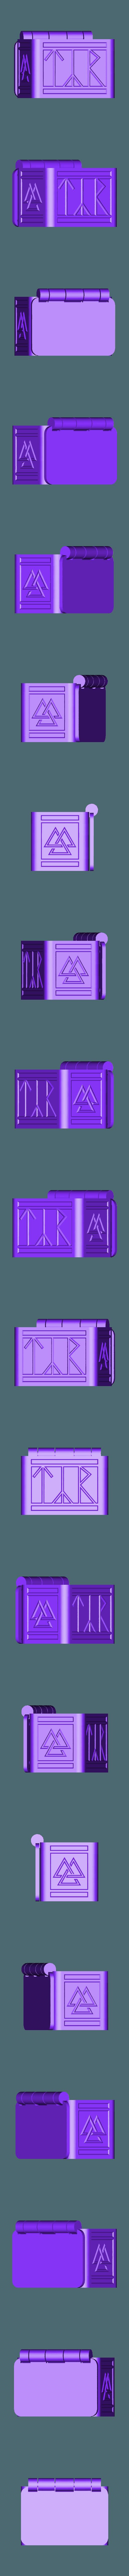 NORSE RUNE BOX (SINGLE PRINT).stl Télécharger fichier STL gratuit Boîte de runes nordiques avec couvercle (impression unique) • Modèle à imprimer en 3D, 3DPrintersaur